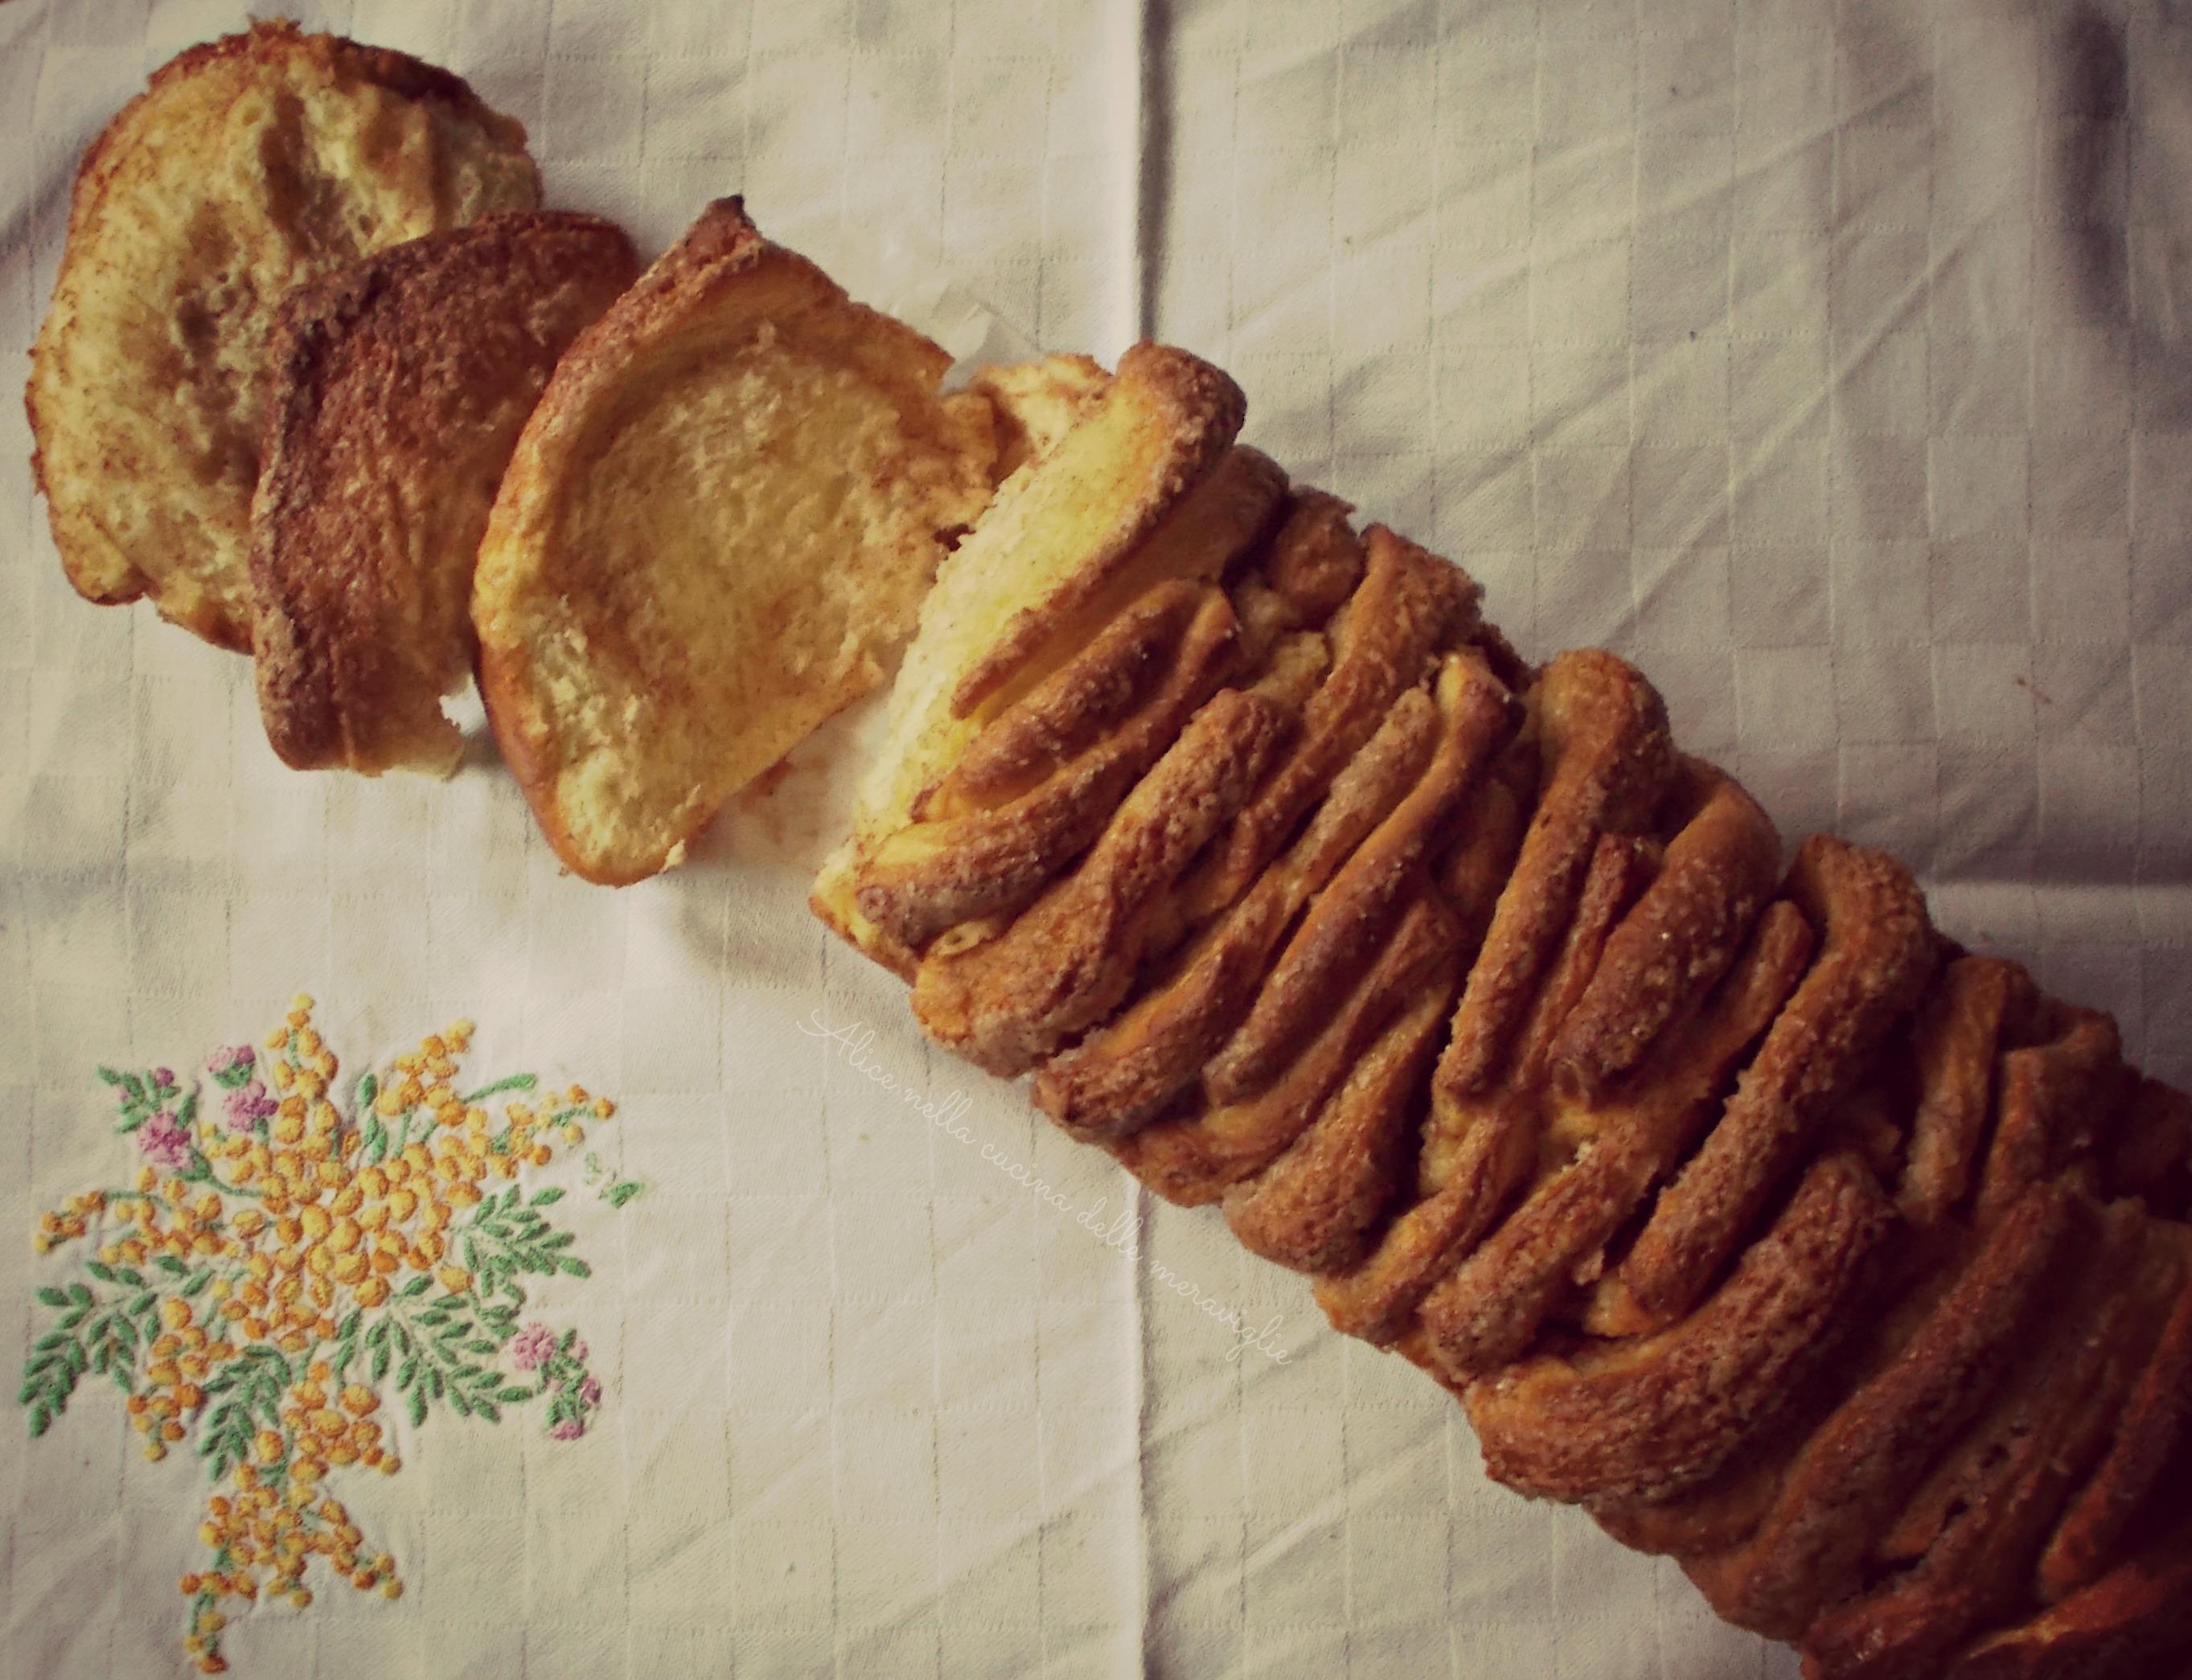 Pane allo zucchero e cannella Cinnamon Sugar Pull-Apart Bread Ricetta lievitato dolce Alice nella cucina delle meraviglie